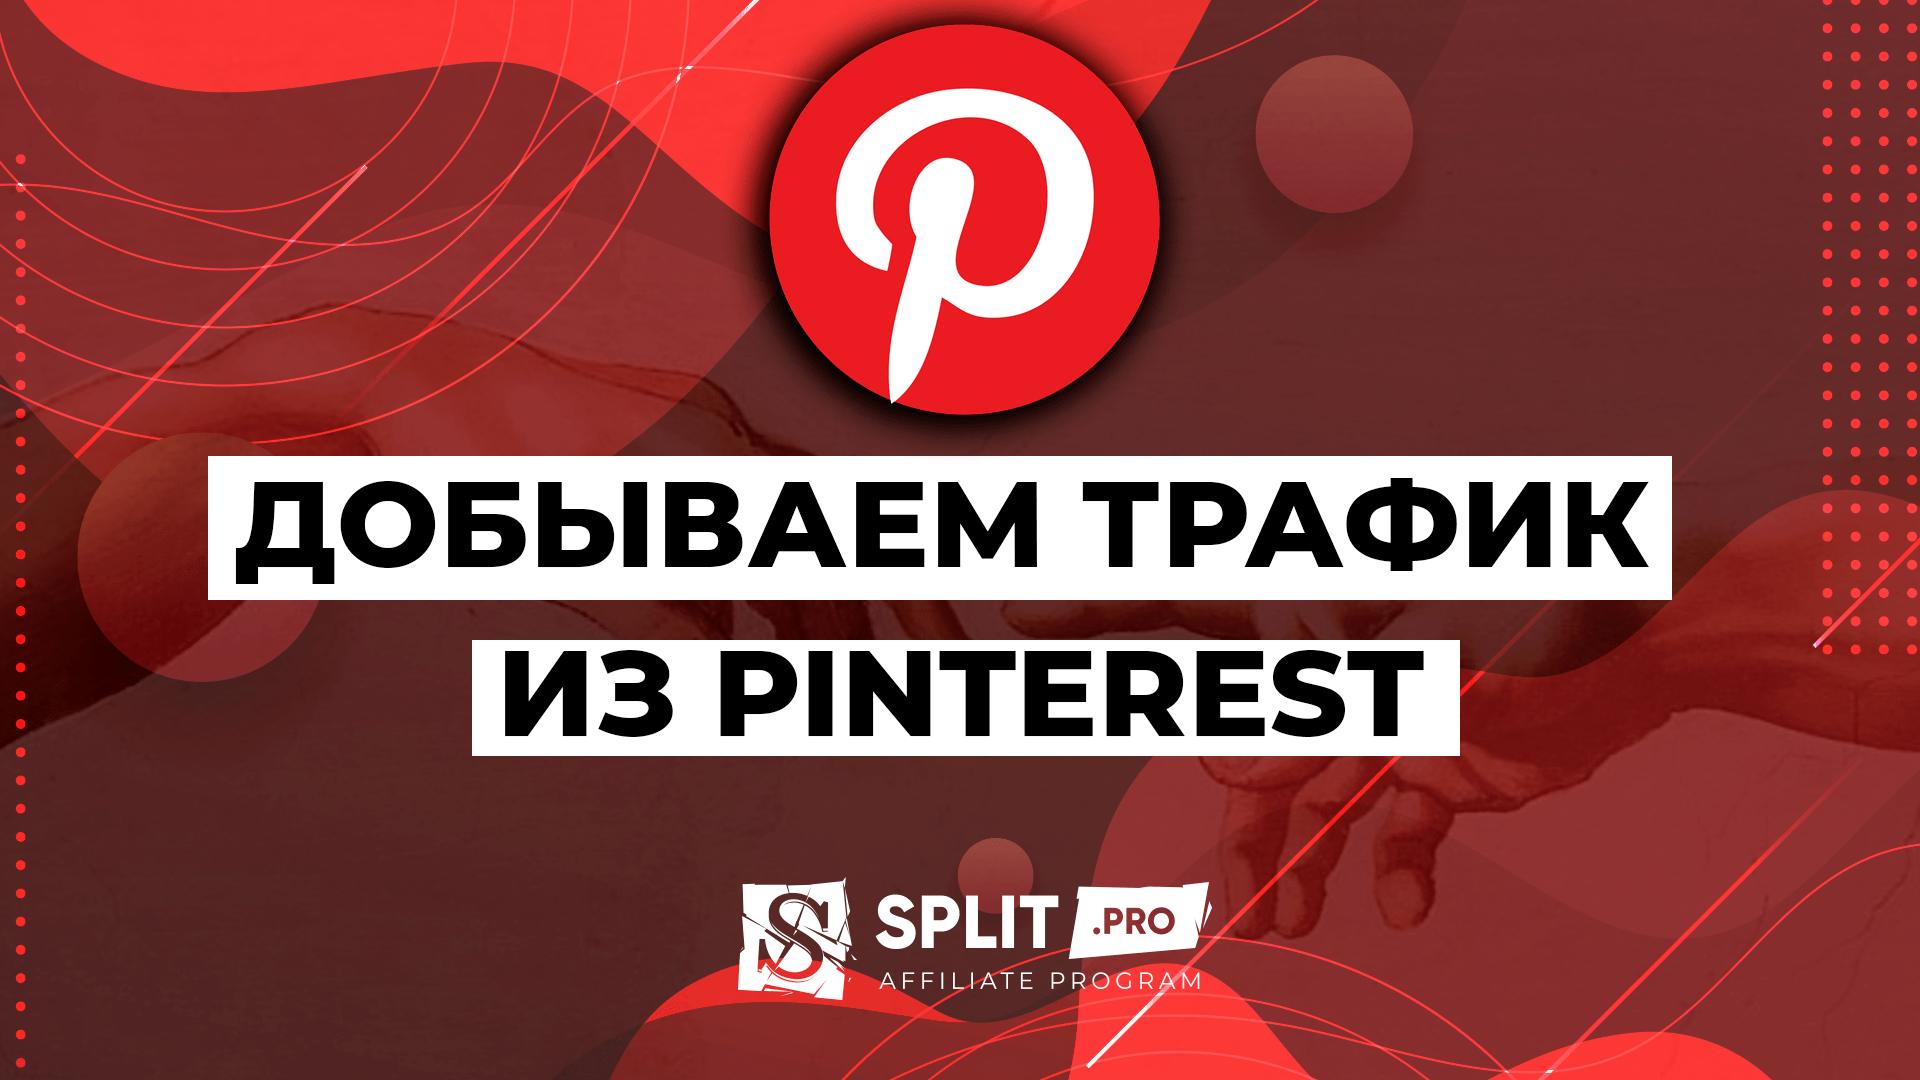 Как лить трафик с Pinterest